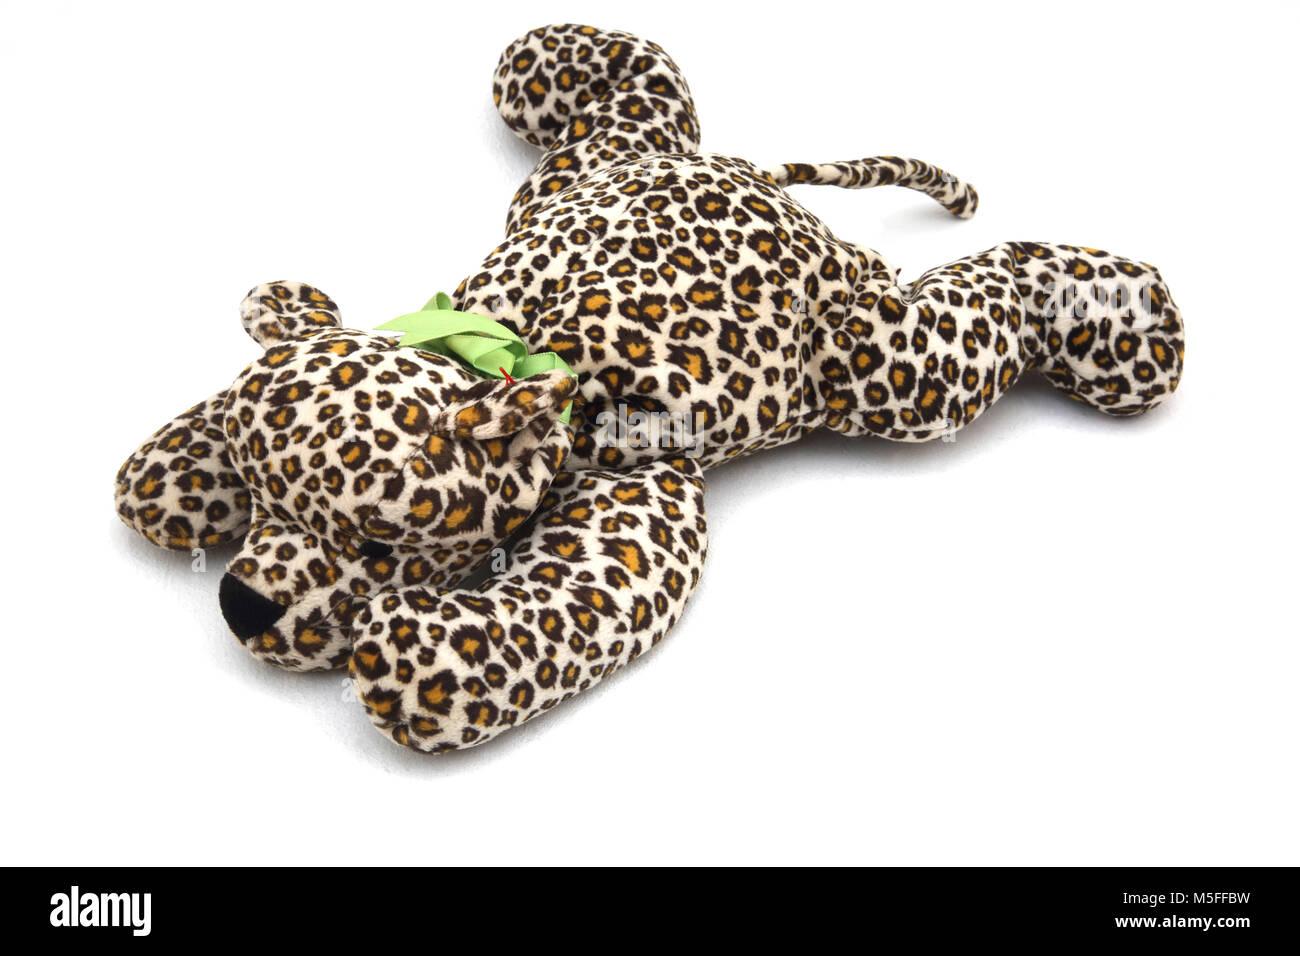 TY Beanie Buddy Leopard - Stock Image